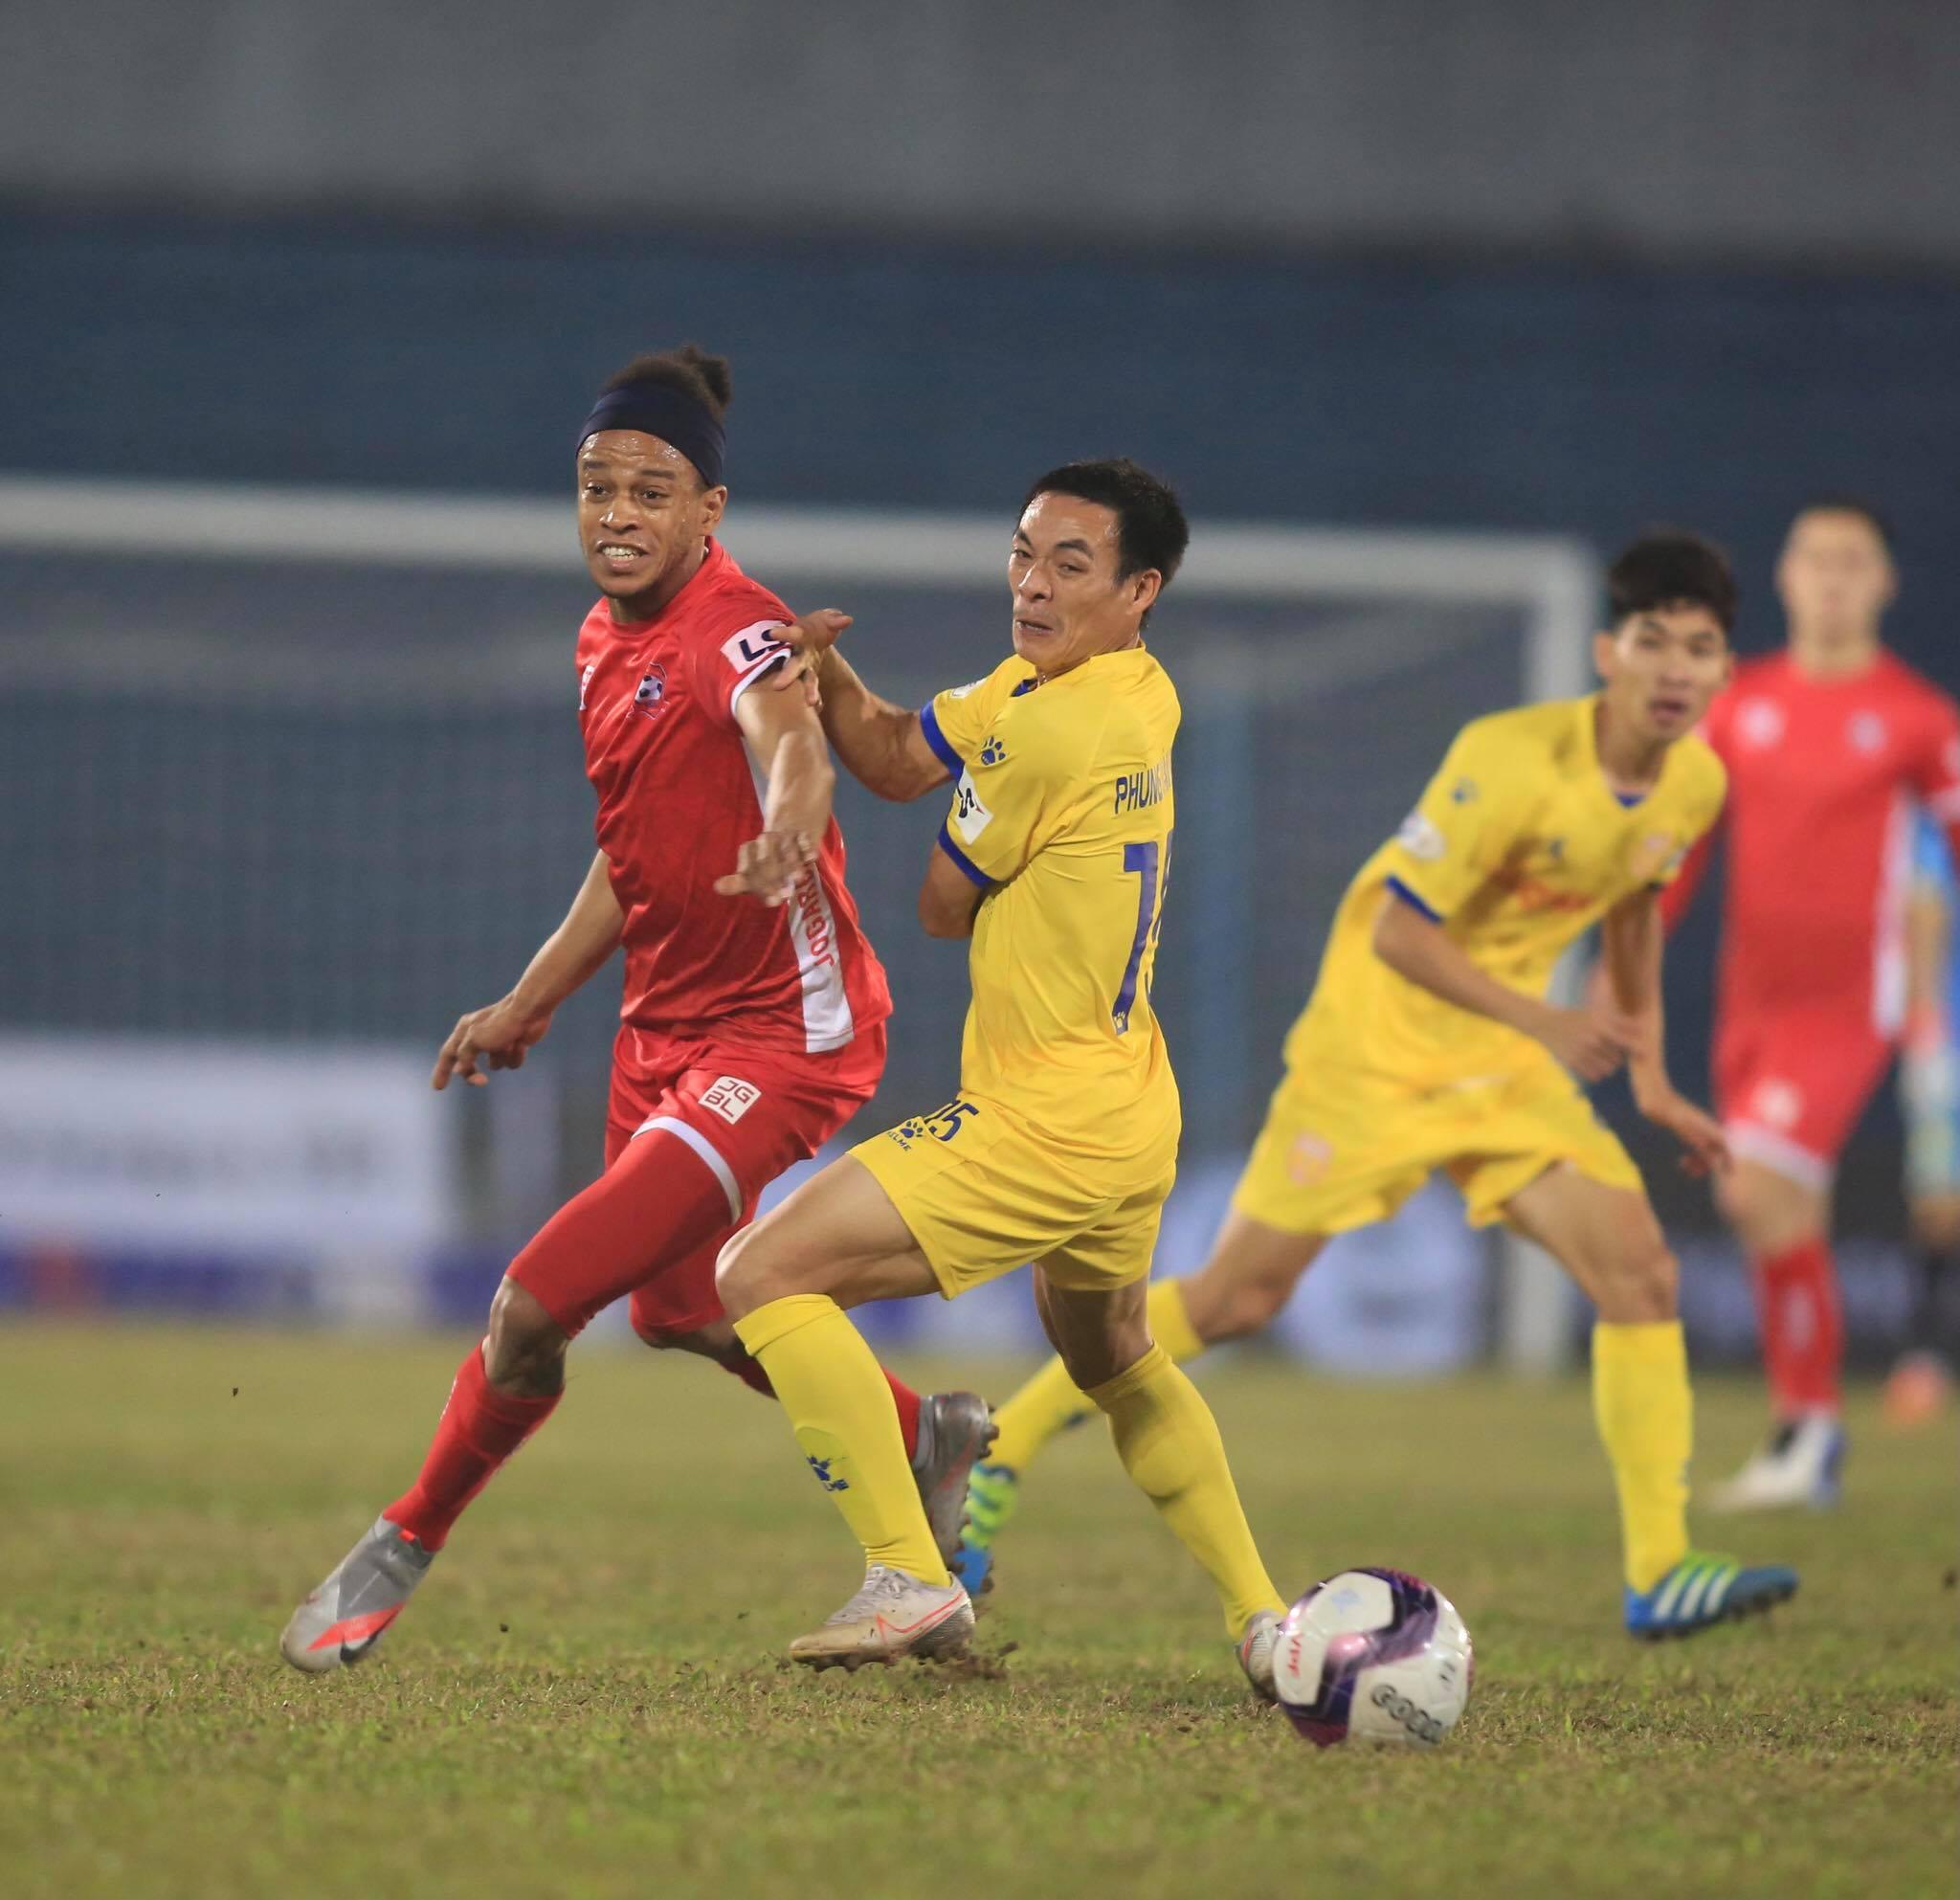 Hải Phòng tiếp tục thể hiện phong độ ấn tượng bằng chiến thắng trước Nam Định - Ảnh: Minh Tuấn